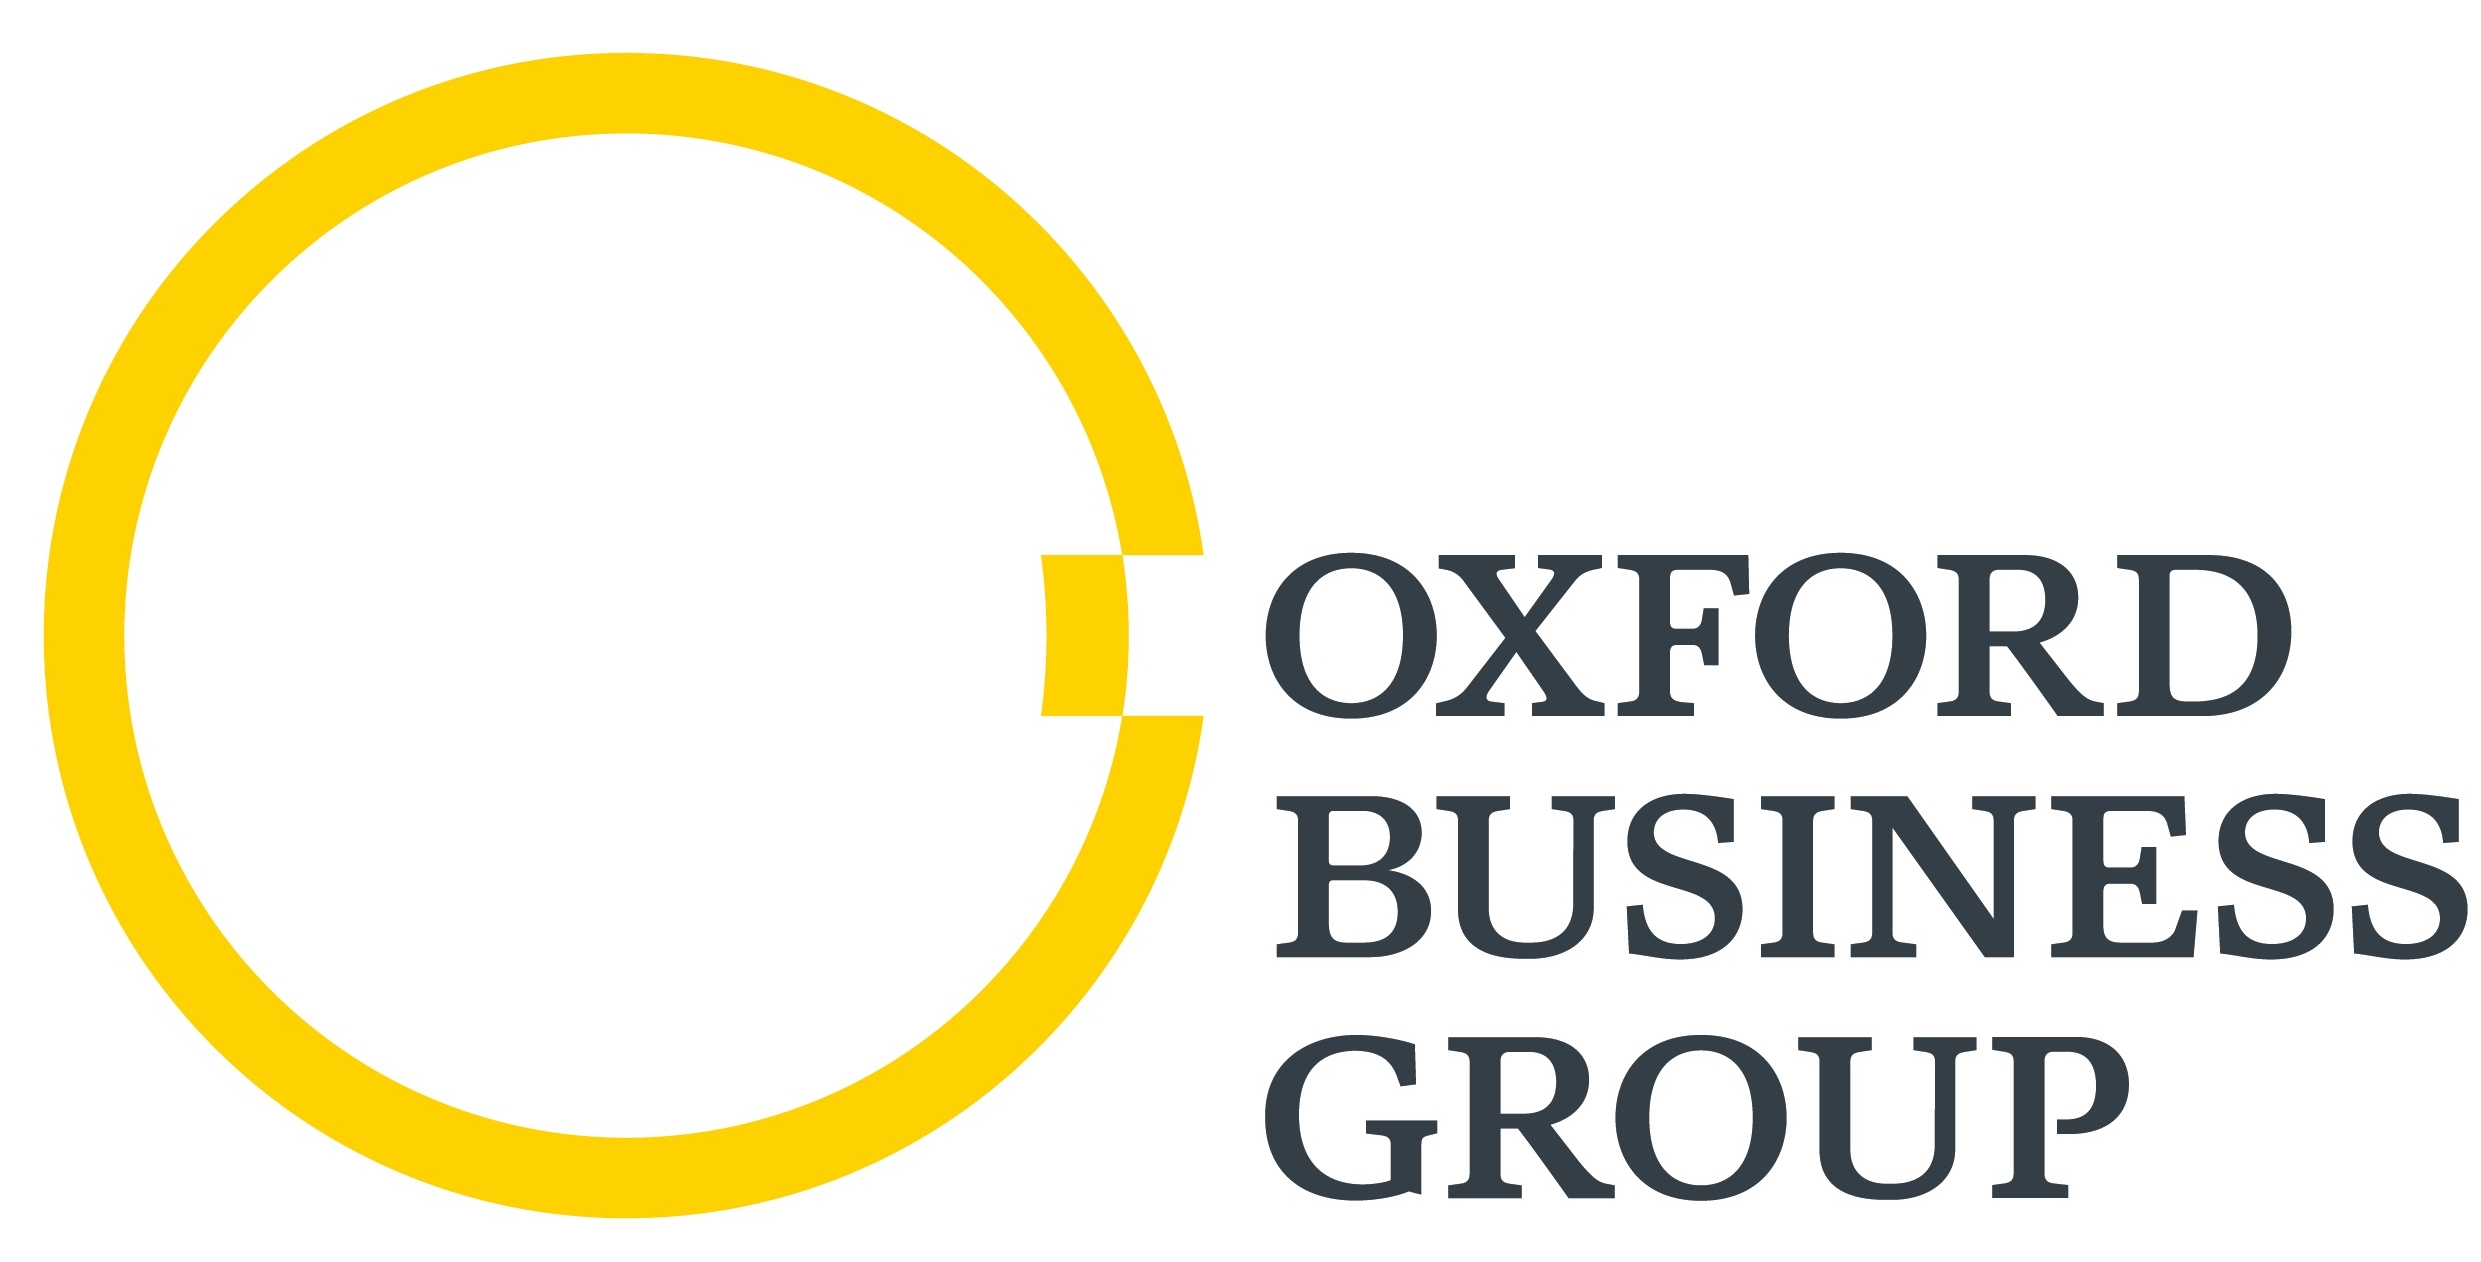 obg logo 2 cropped